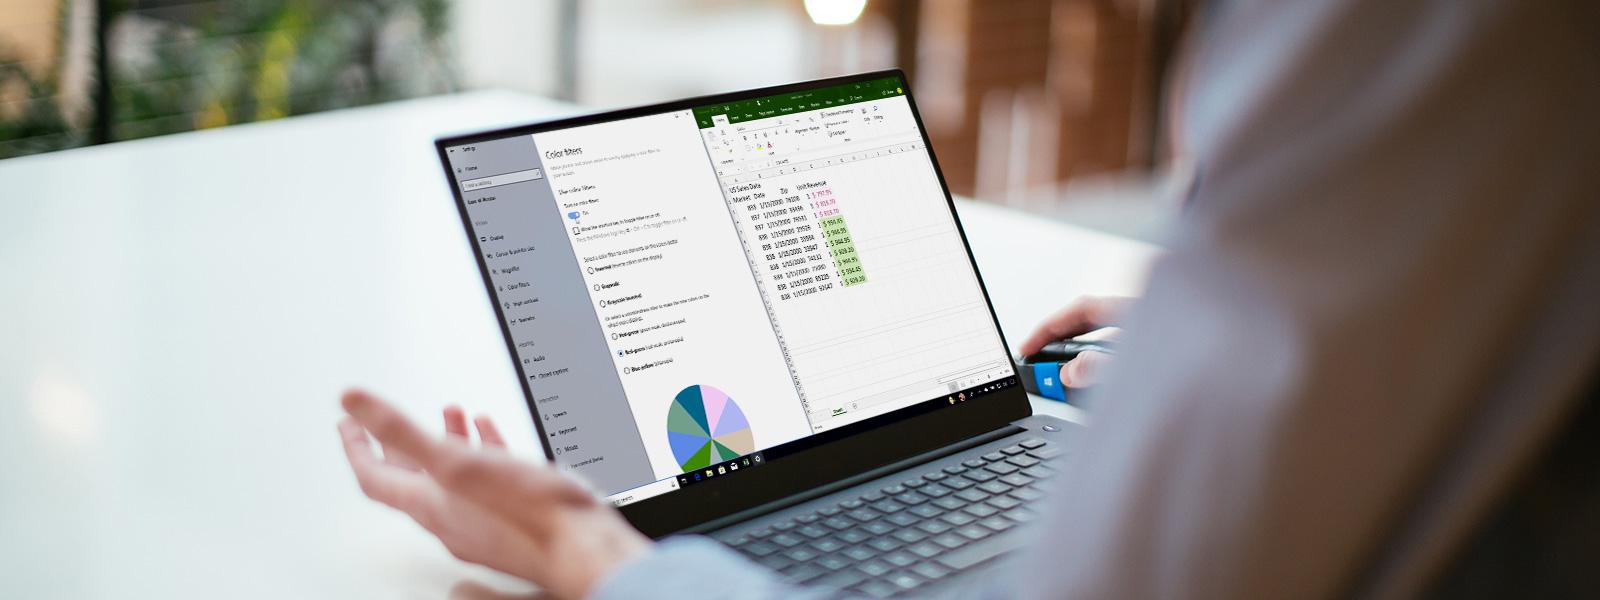 Людина працює за ноутбуком з увімкнутими фільтрами кольорів у Windows 10